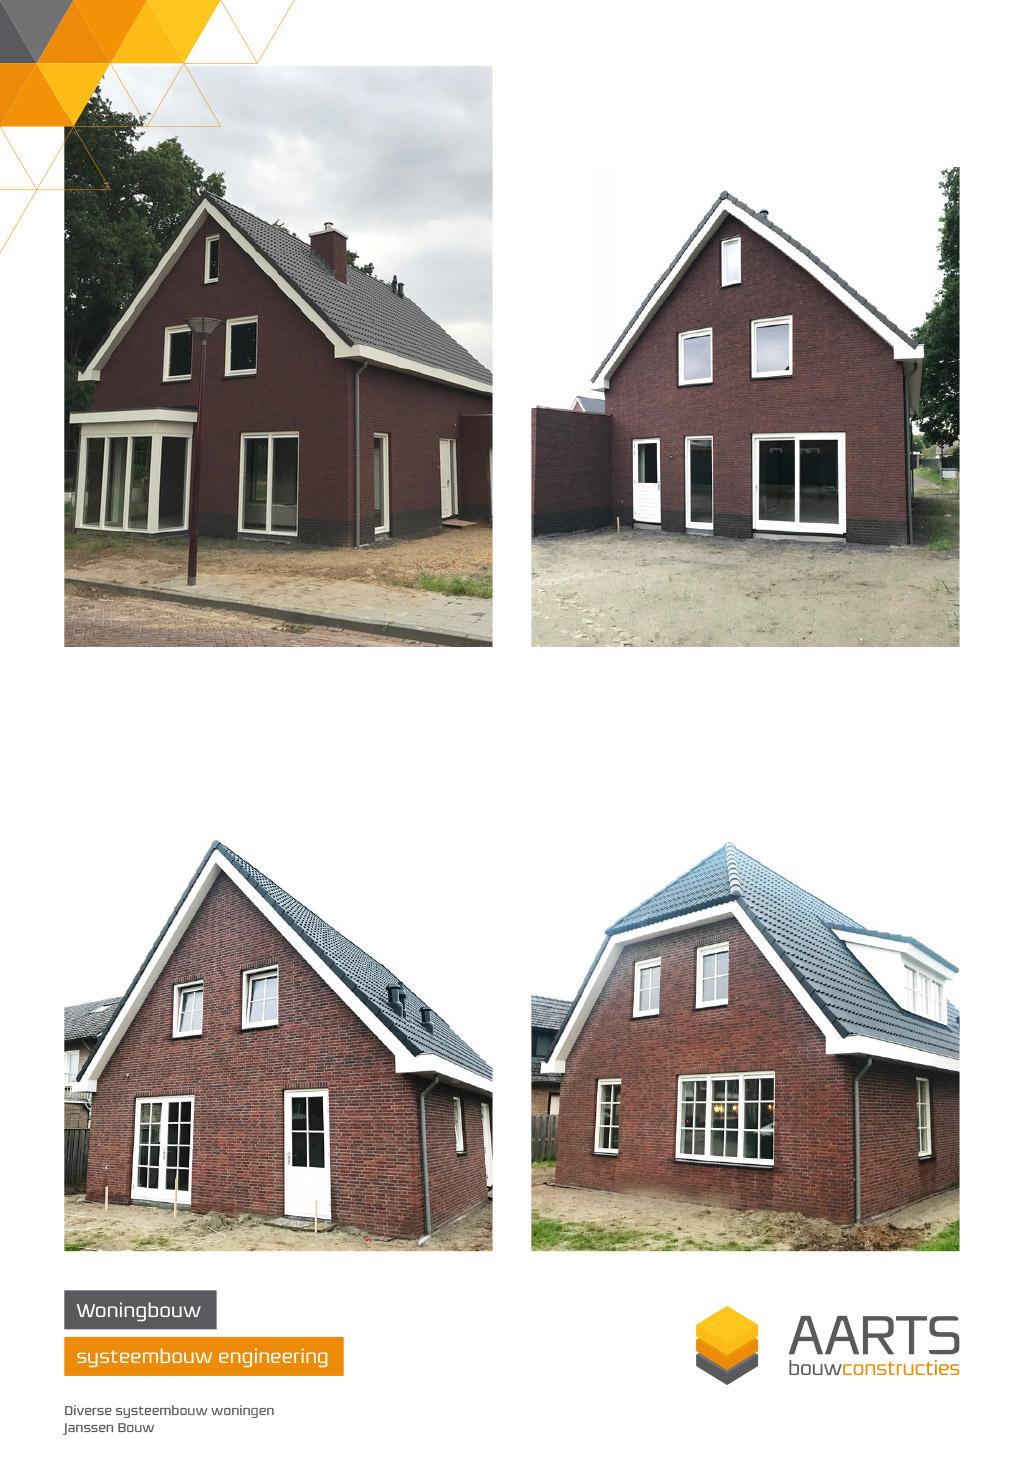 Janssen Bouw - Systeembouw engineering